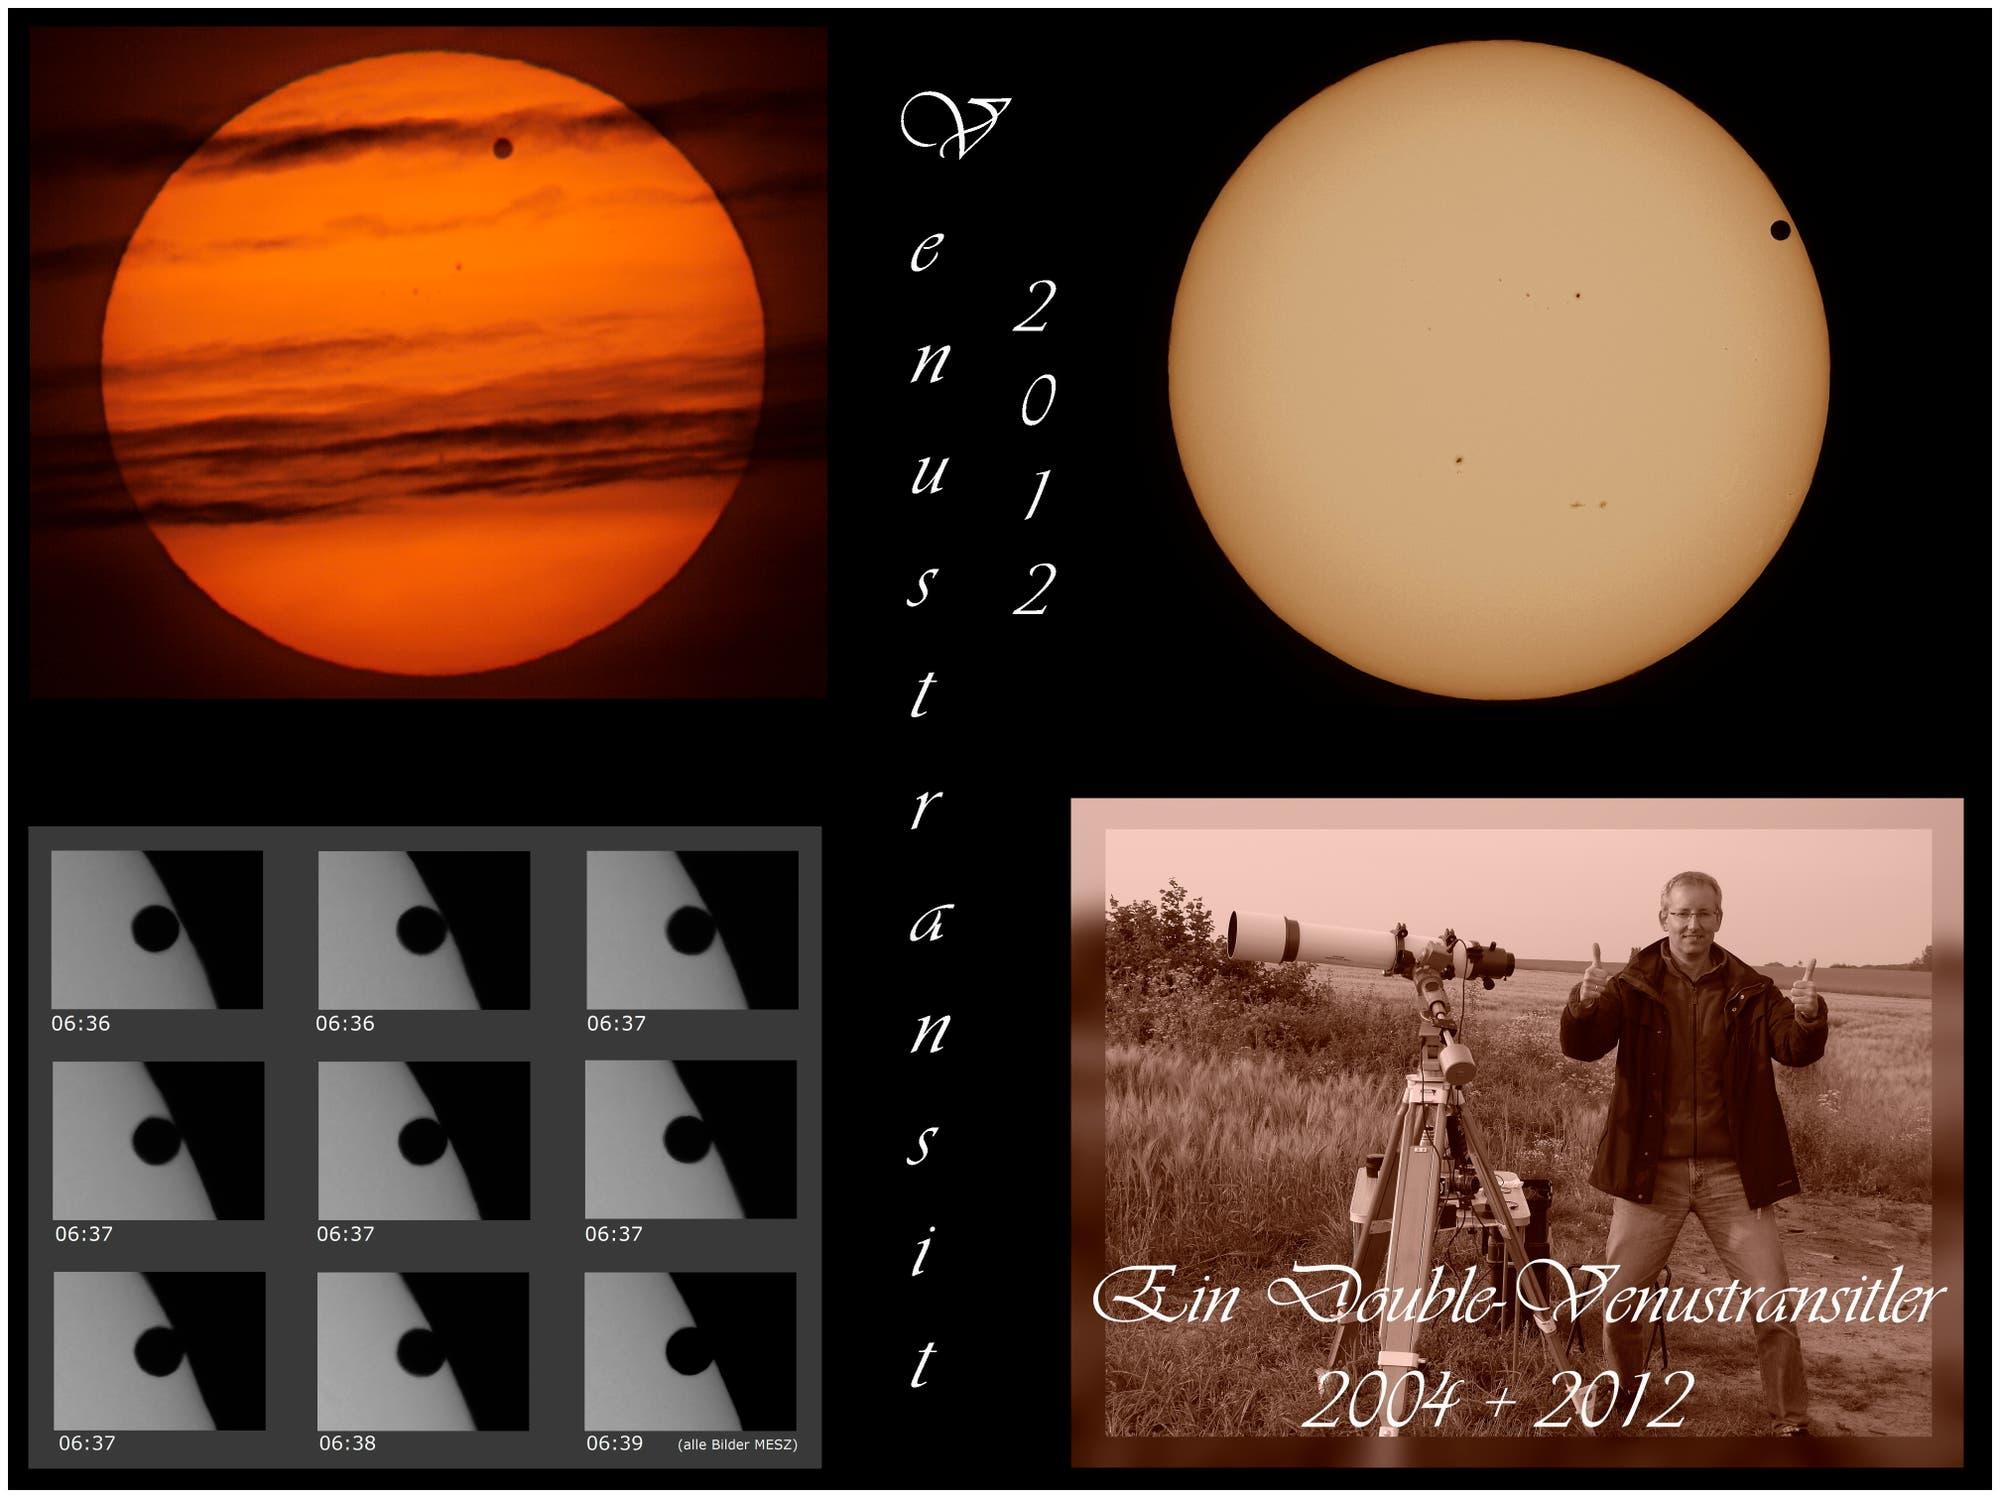 Venustransit 2012: eine kleine Übersicht